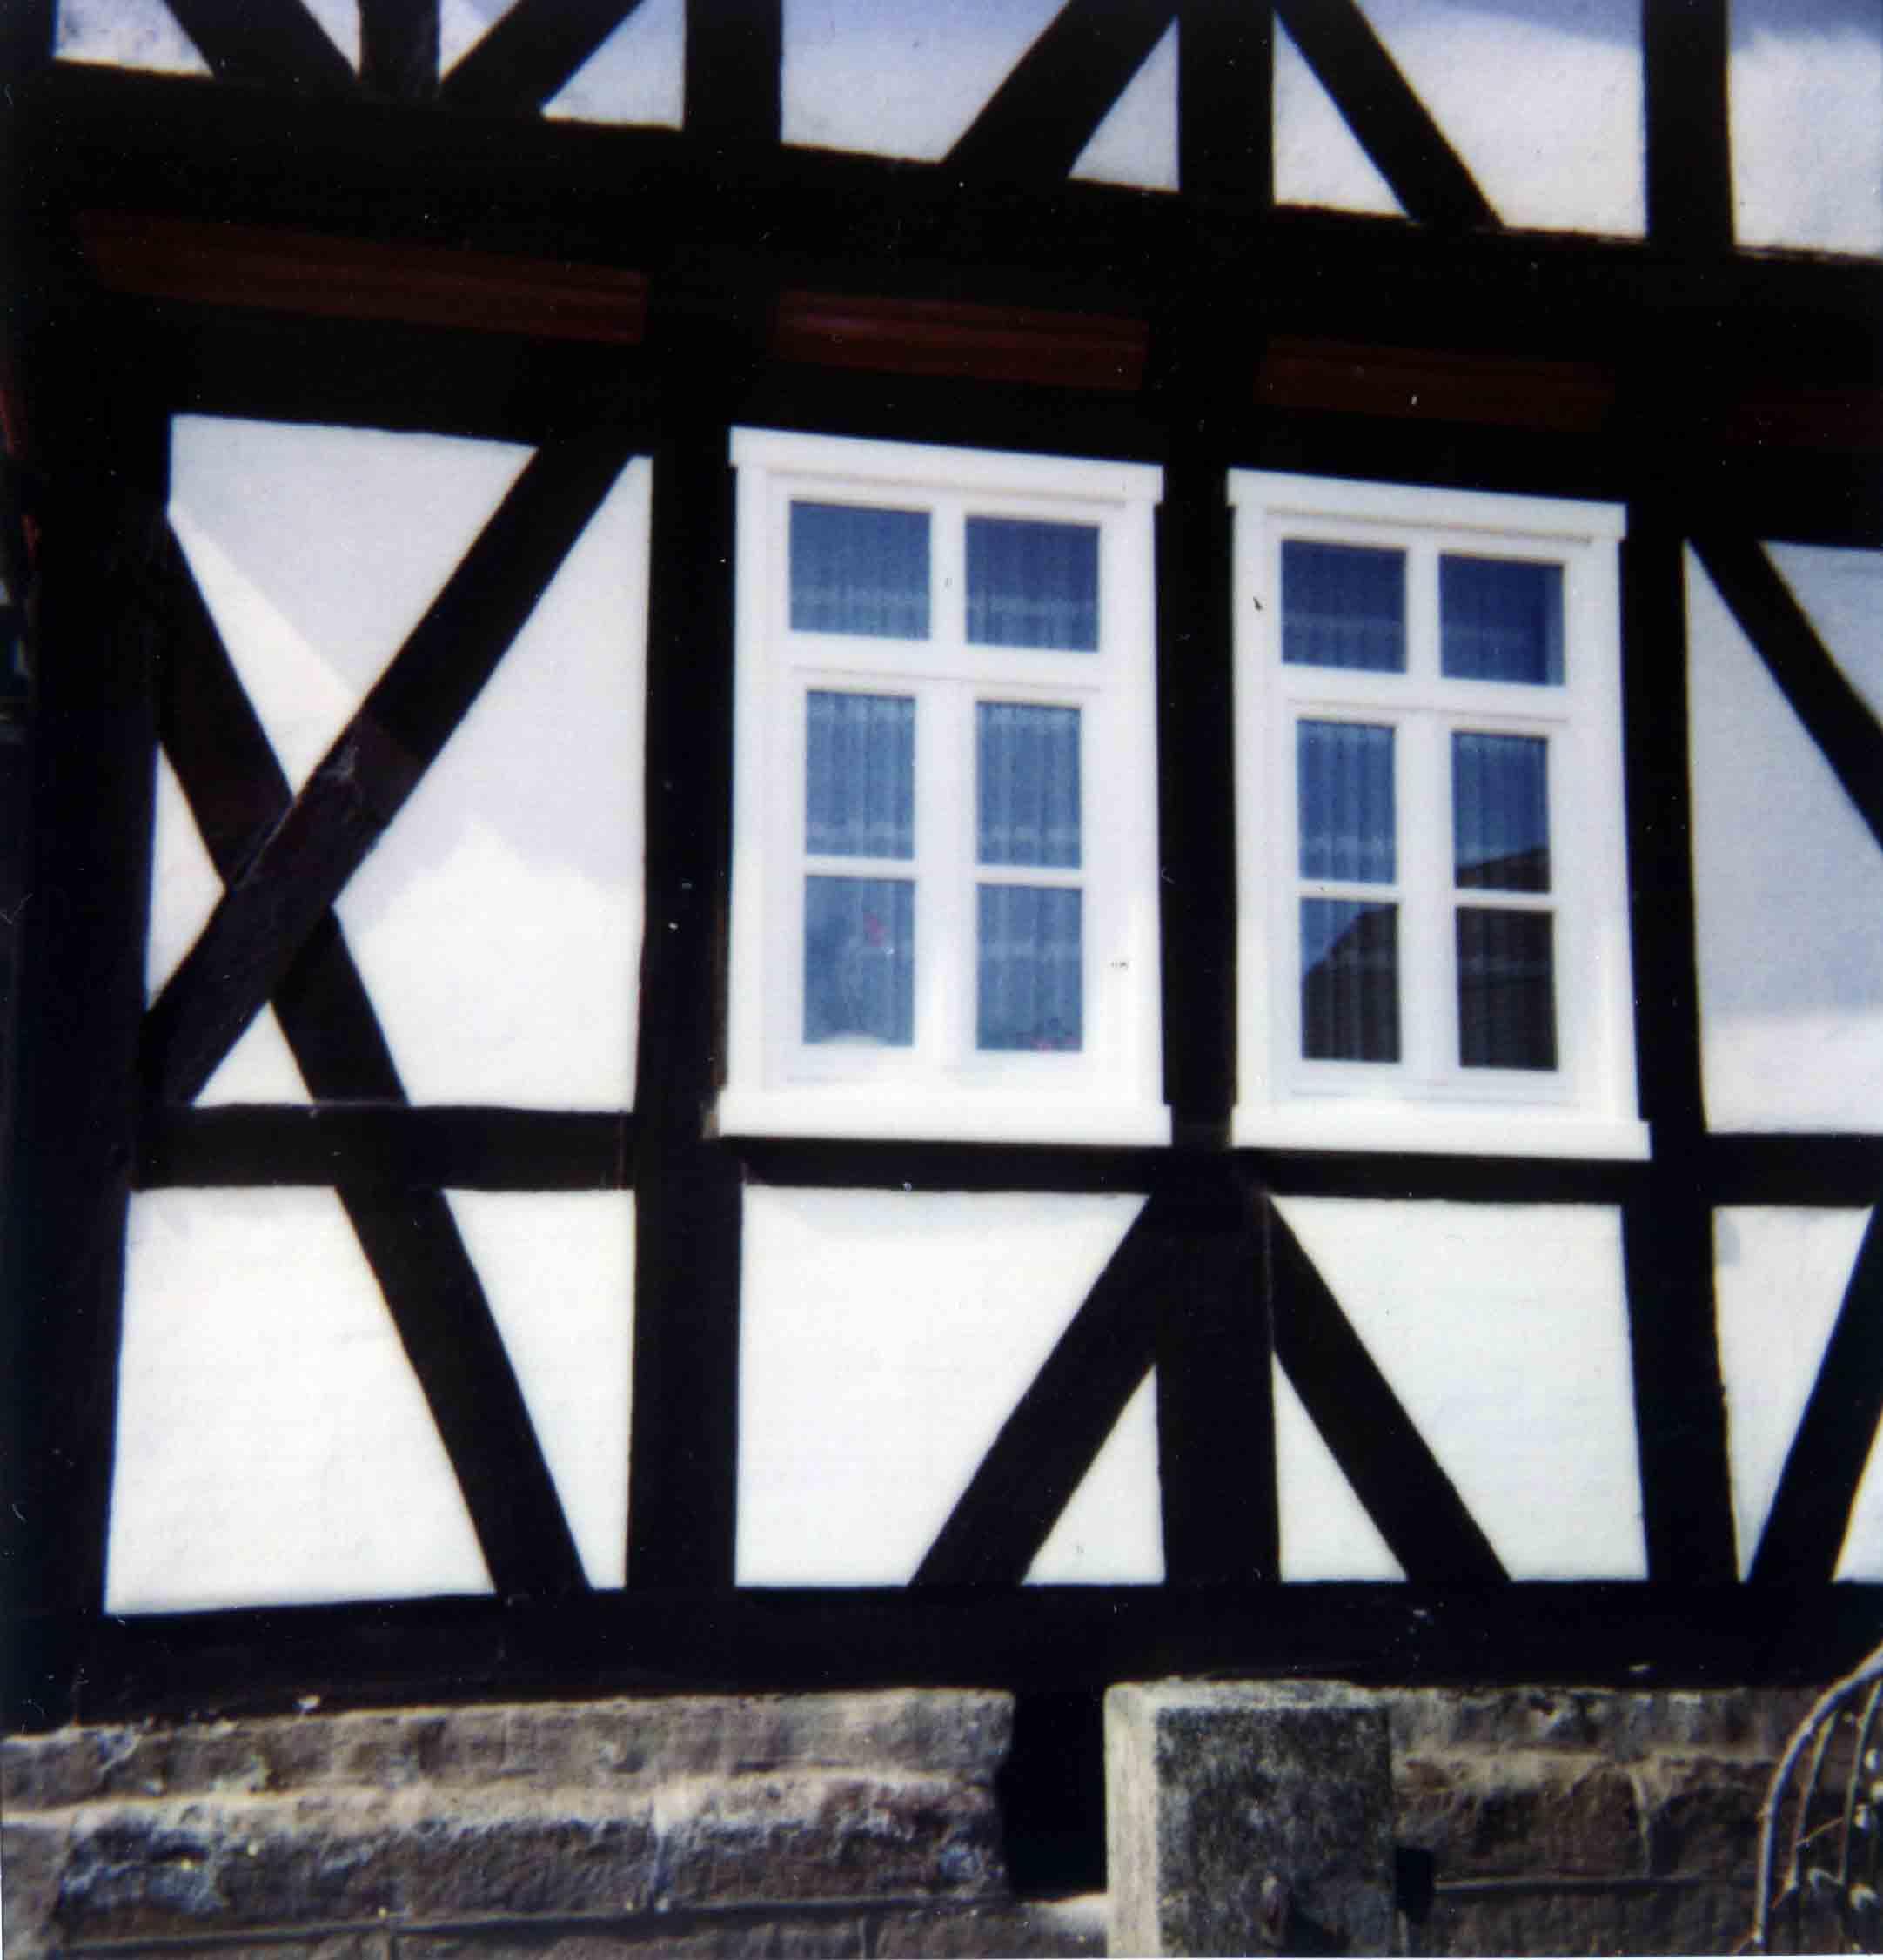 denkmalschutzfenster_02